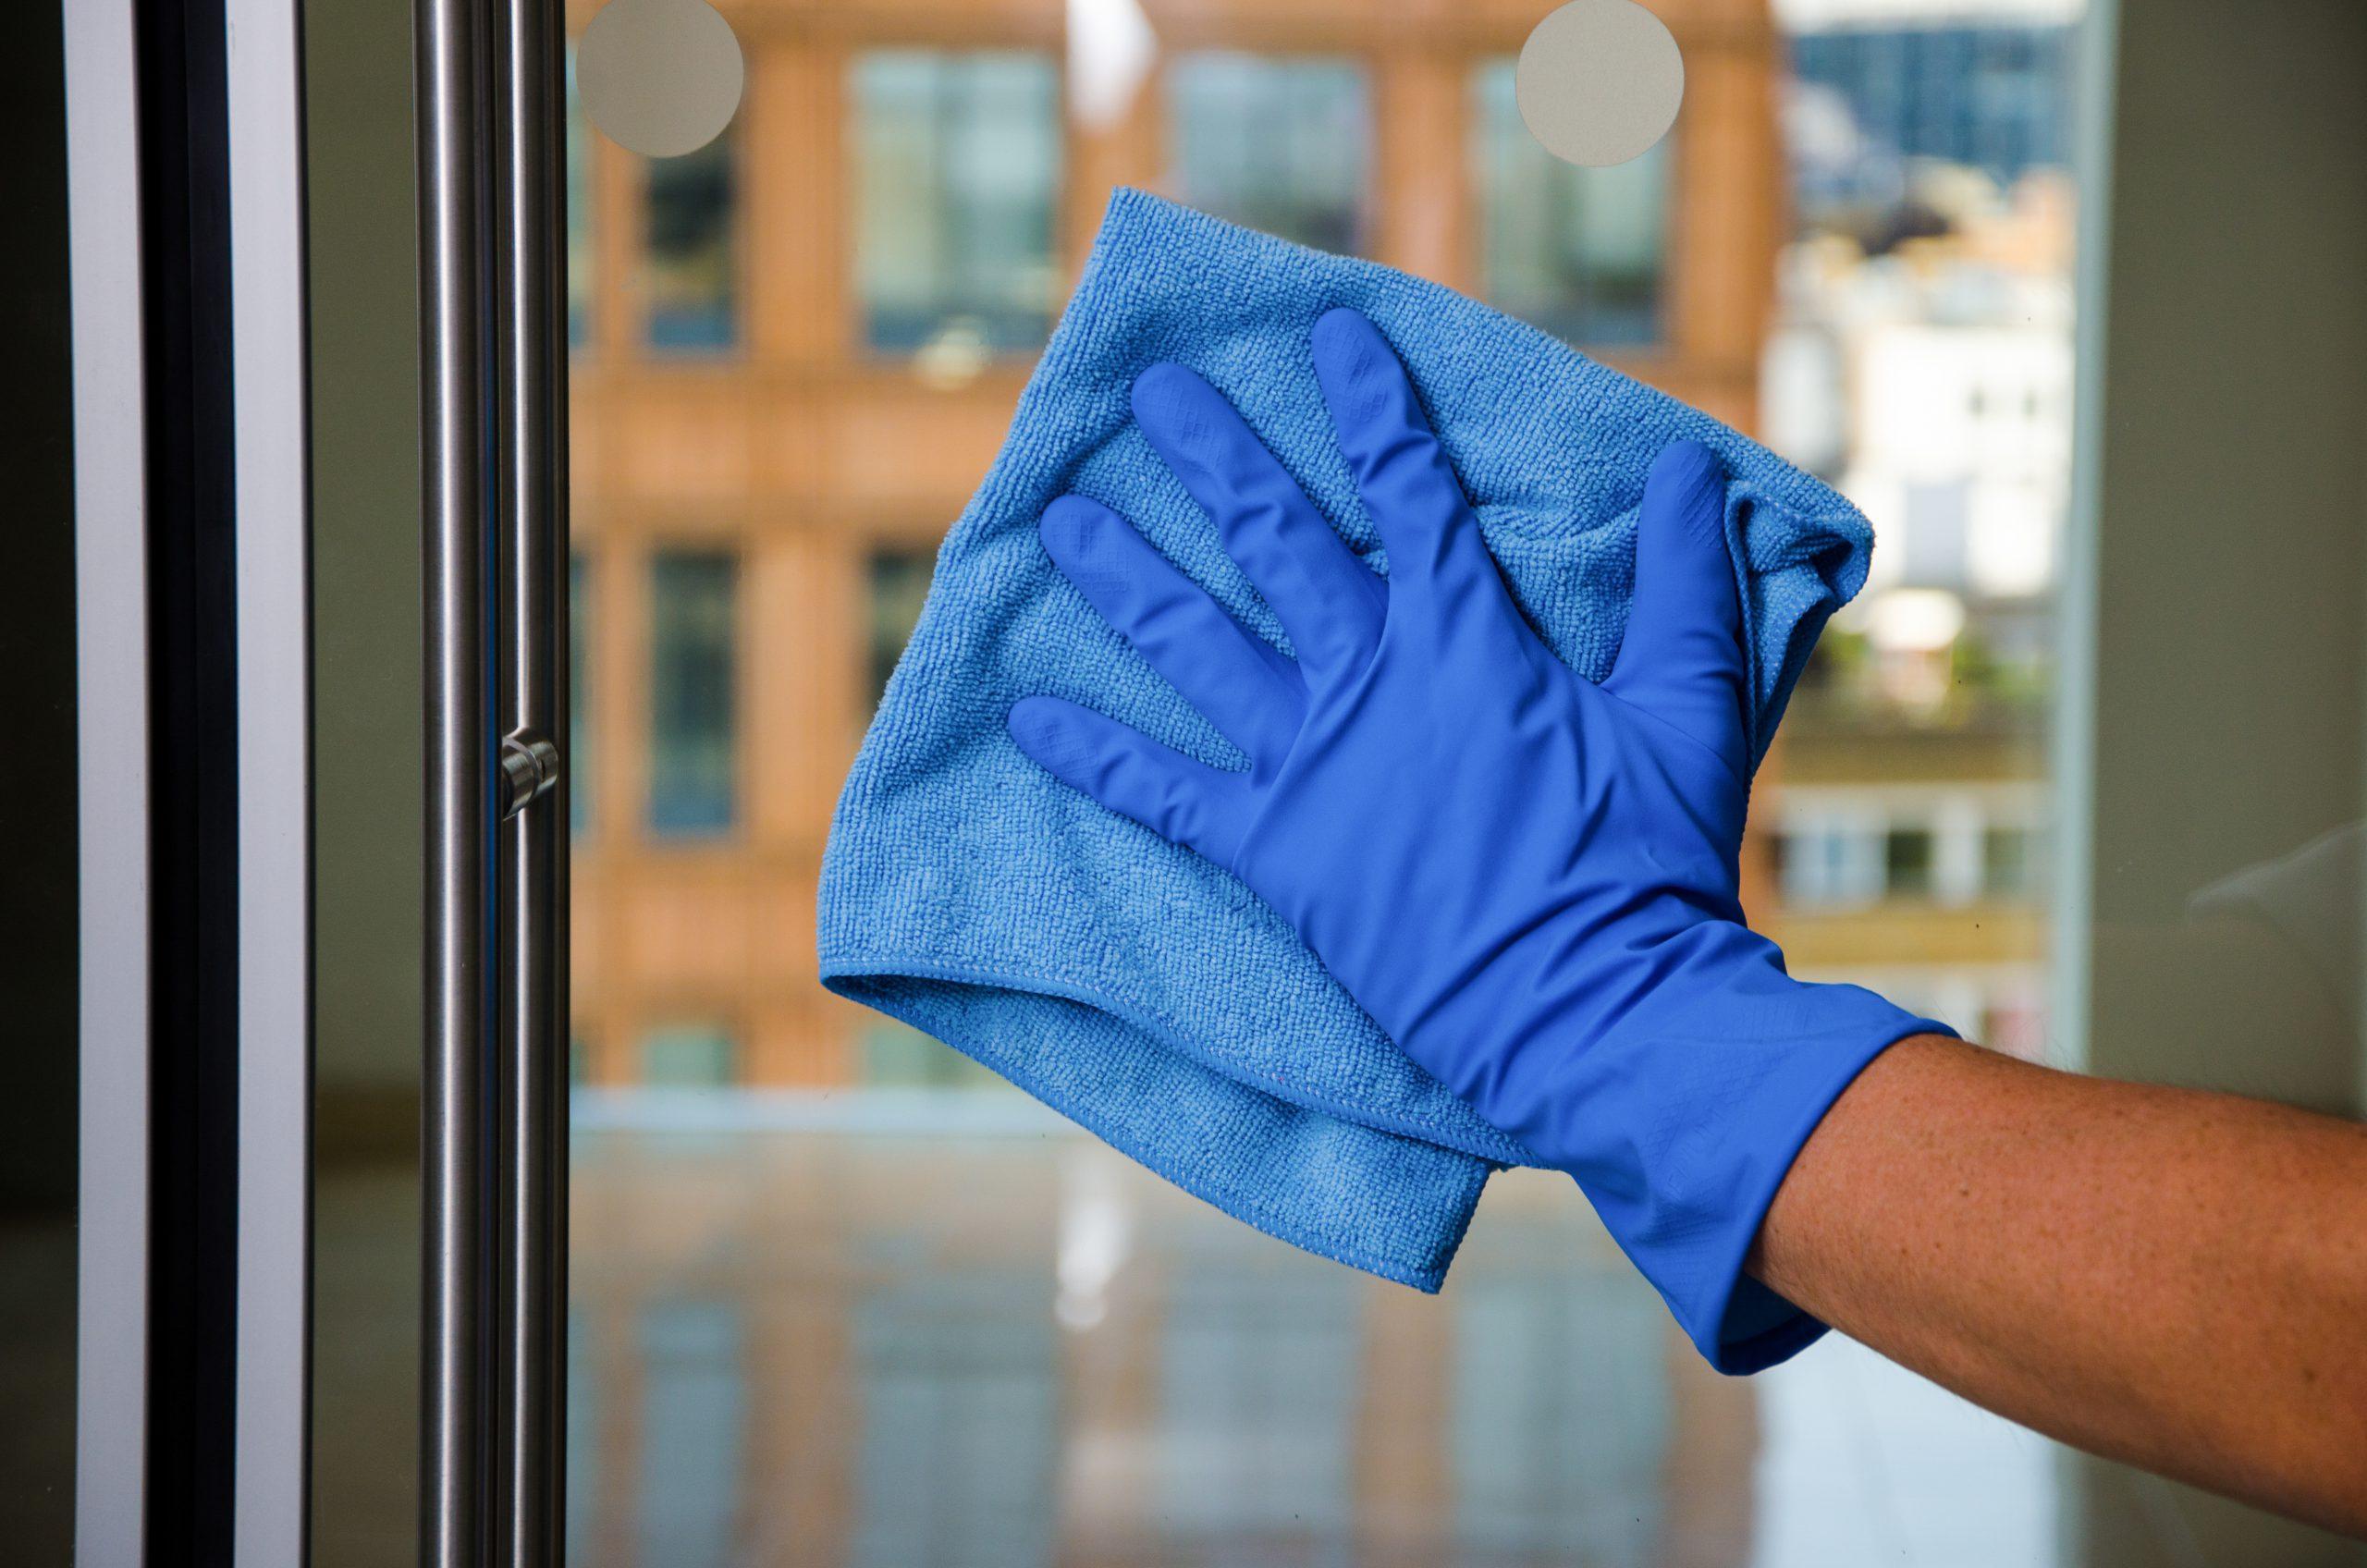 Pulizia di vetri, specchi e vetrate in uffici